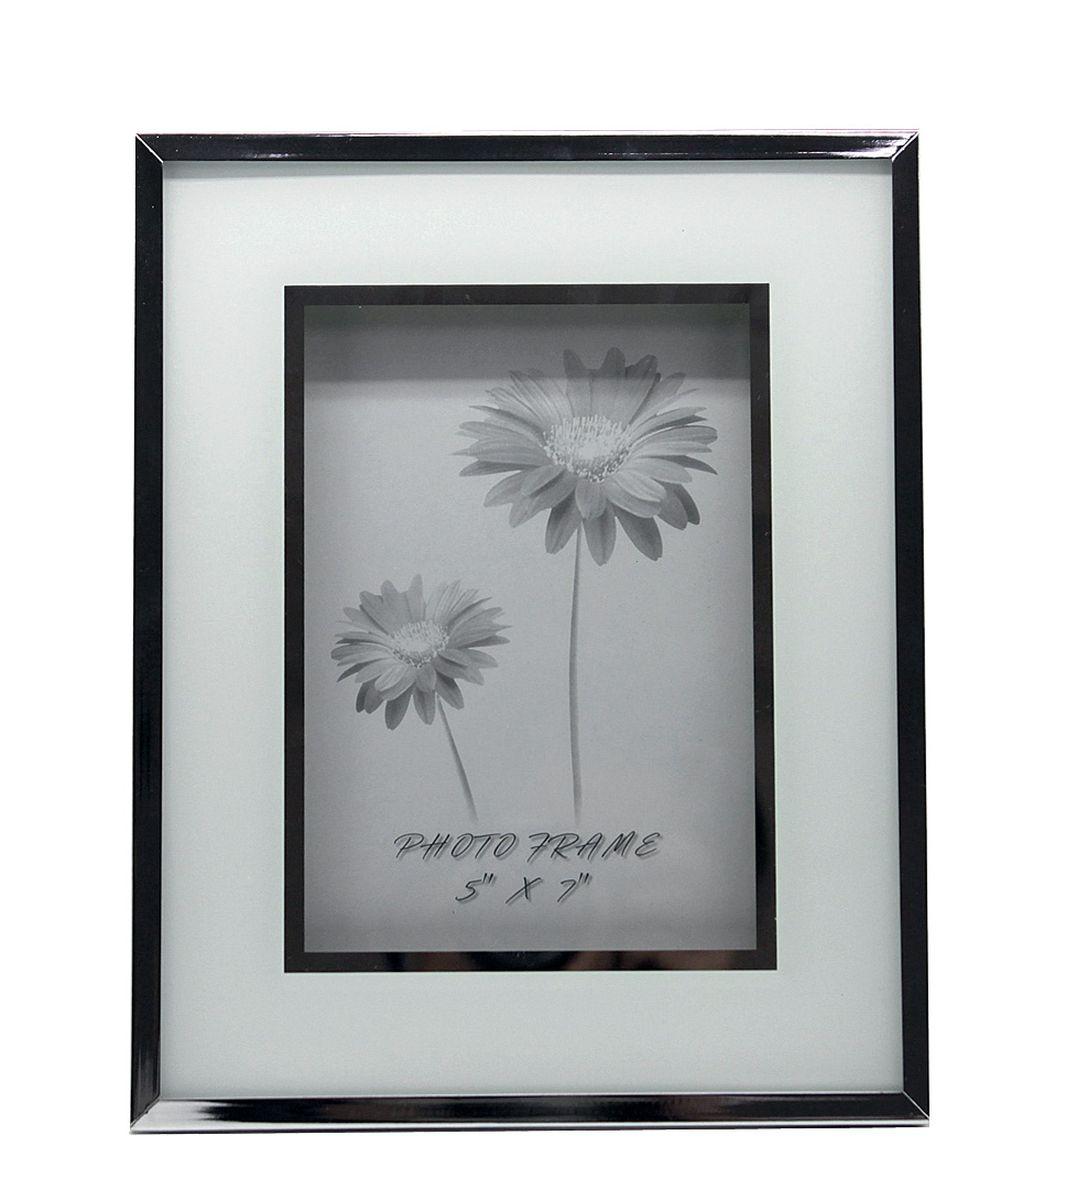 Фоторамка Jardin dEte Инь-Ян, цвет: белый, 20,5 х 25,5 смHS-25773Bcталь, стекло, для фото 13х18 см